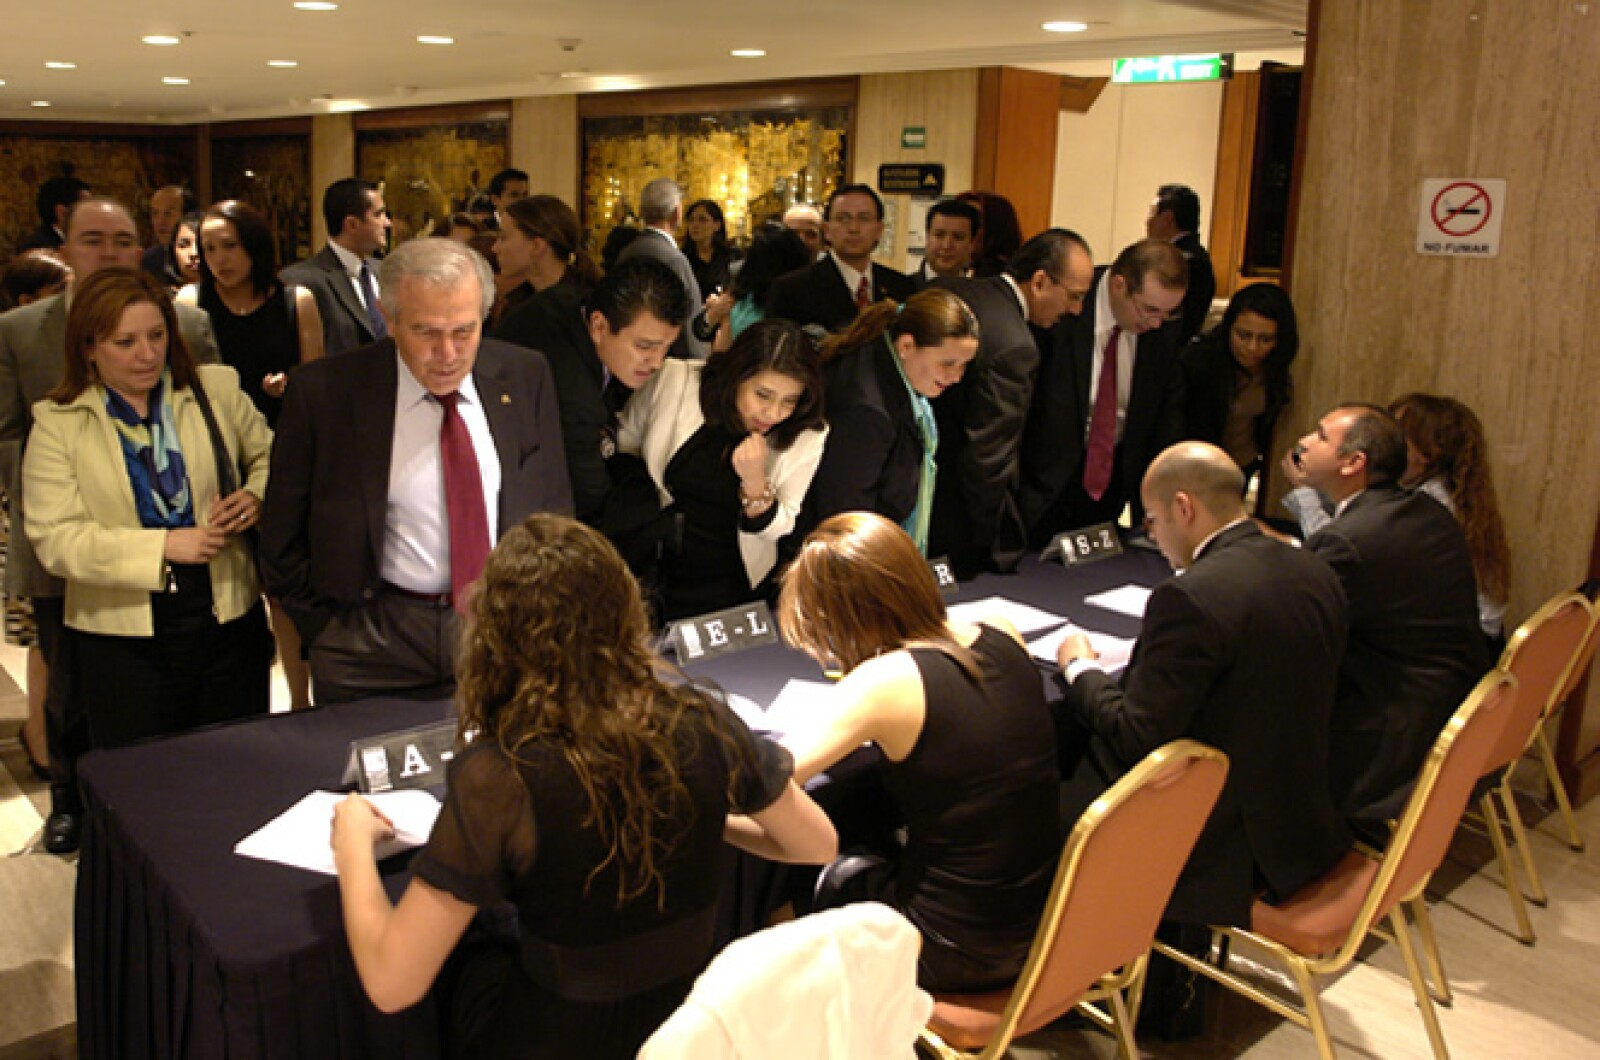 Los invitados llegaron a la hora solicitada para registrarse y entrar al evento.